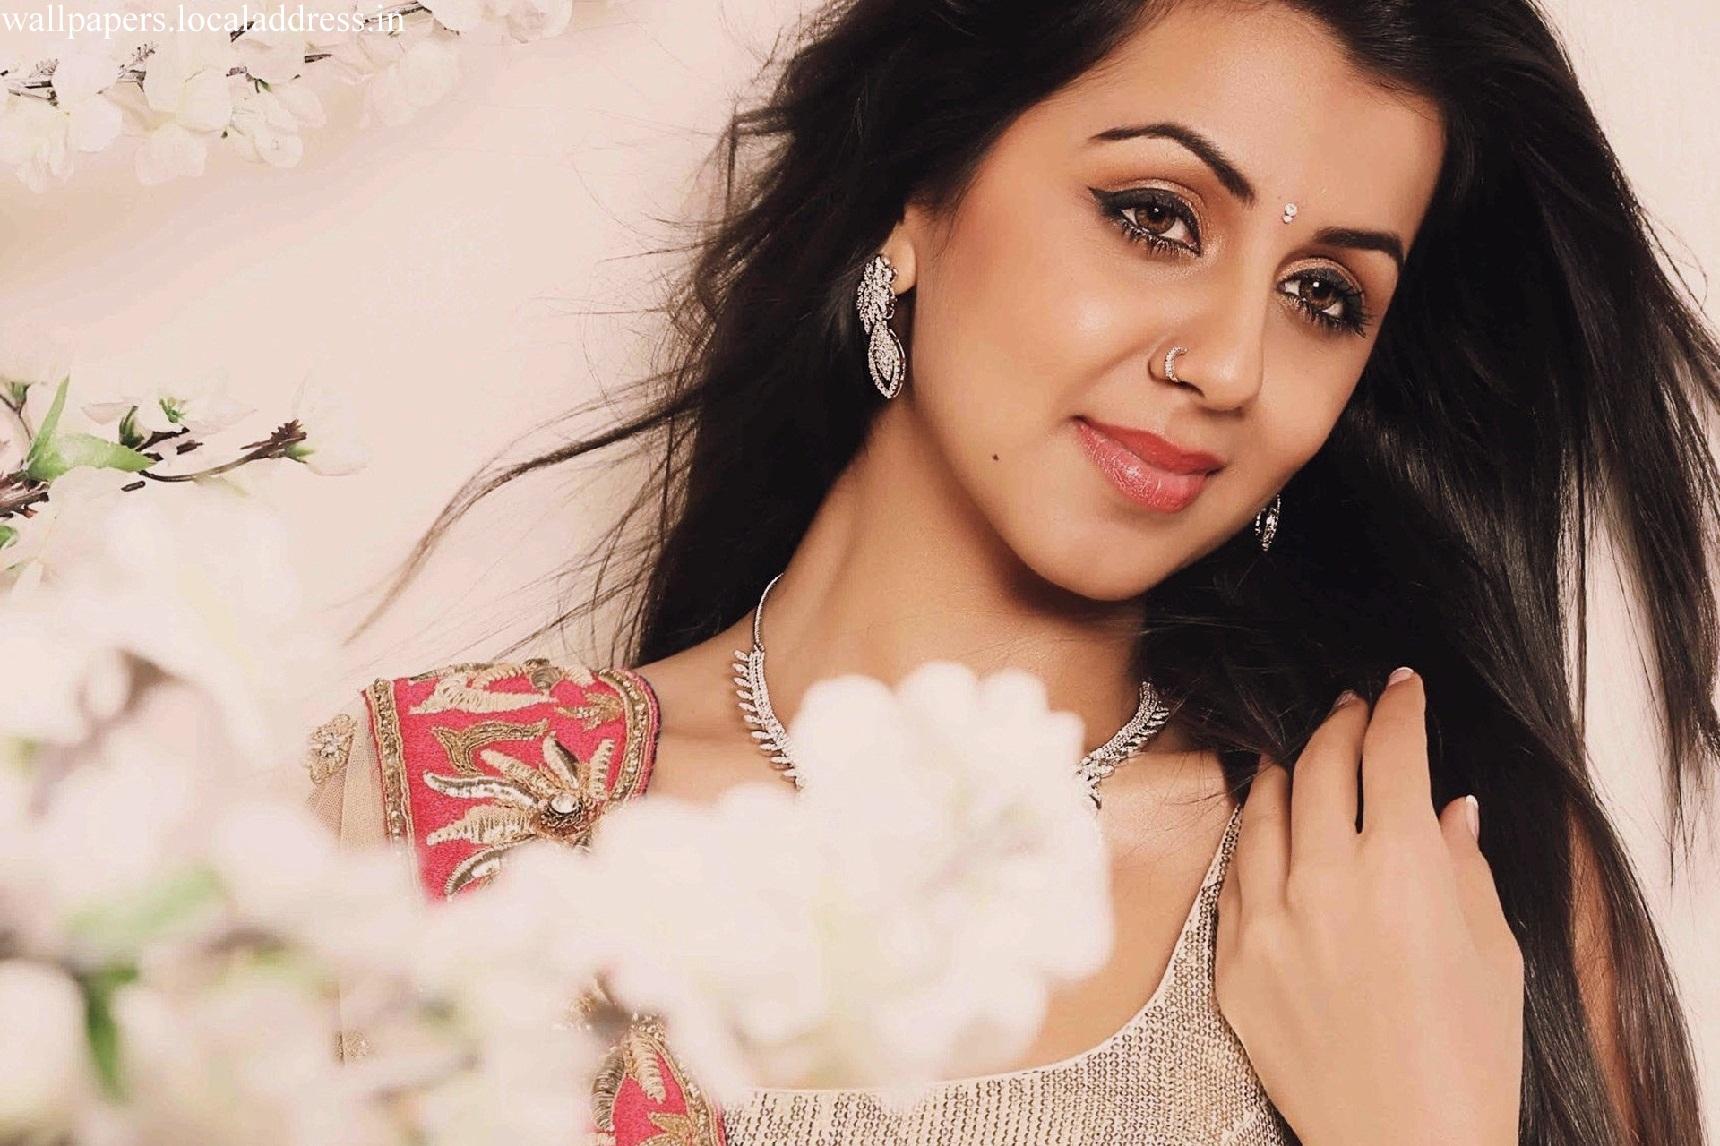 Nikki galrani actress photos